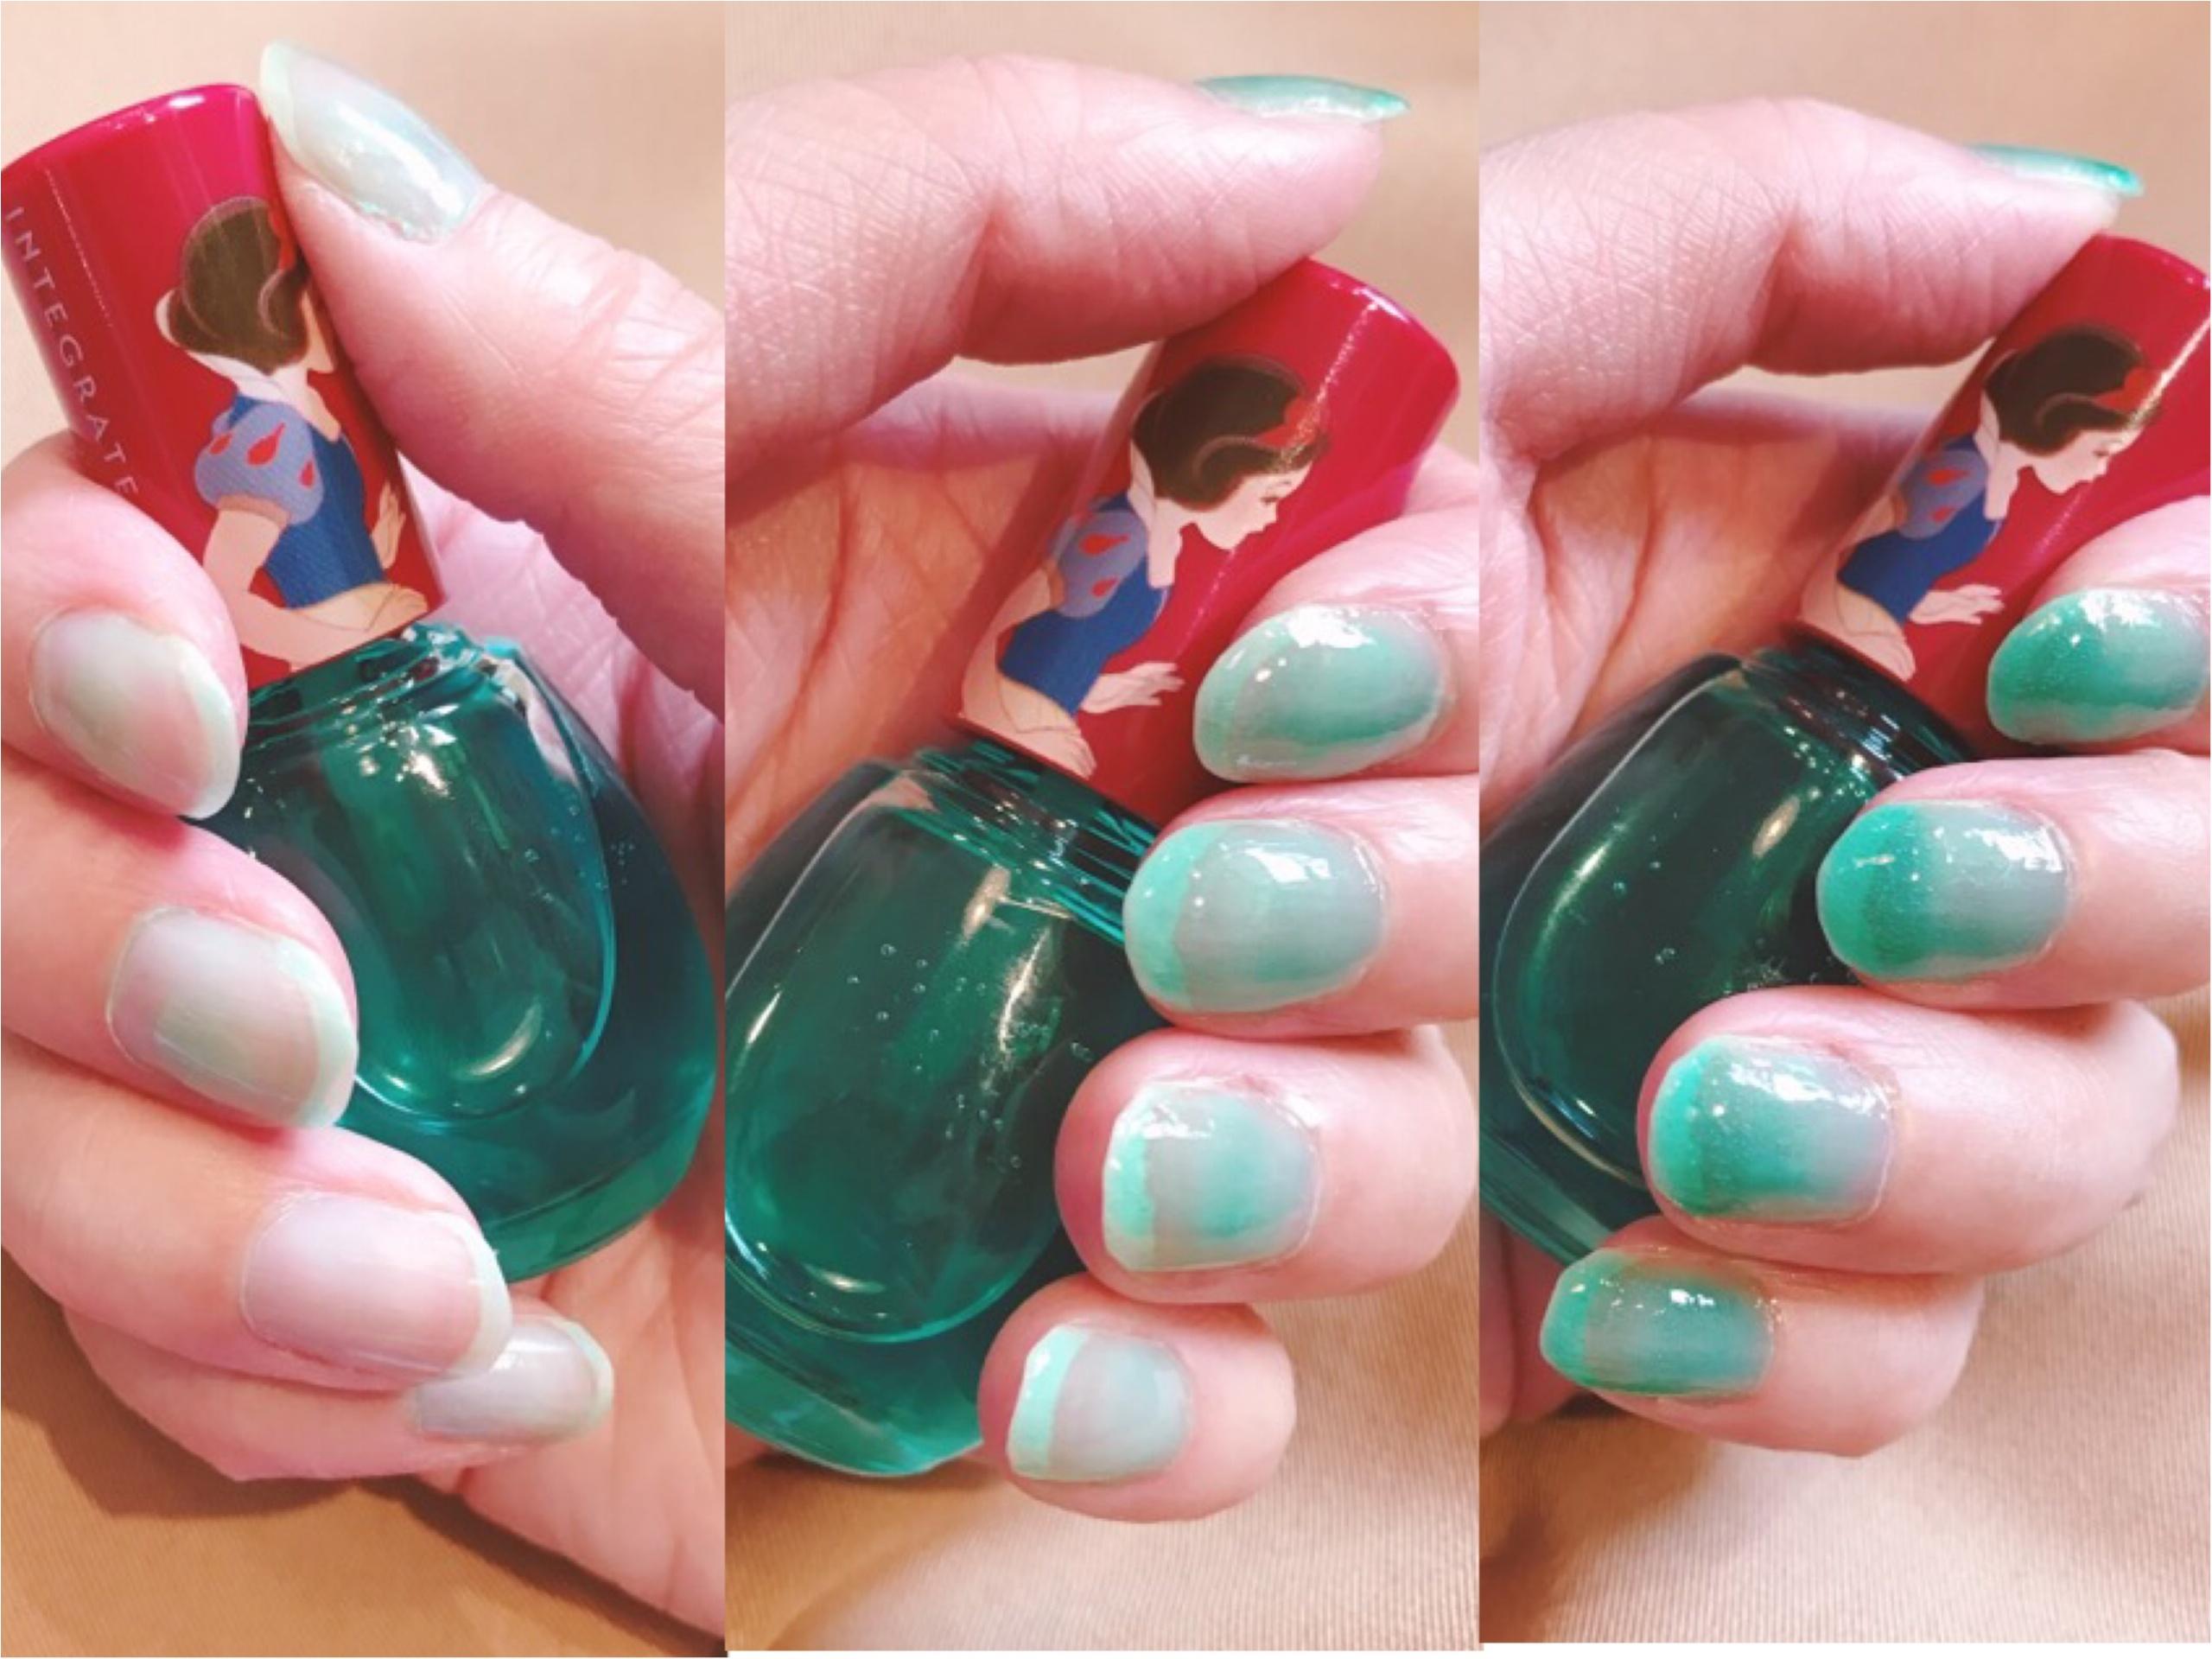 【インテグレート×白雪姫】夏メイクにもぴったり!限定コラボパッケージがかわいすぎる♡_6